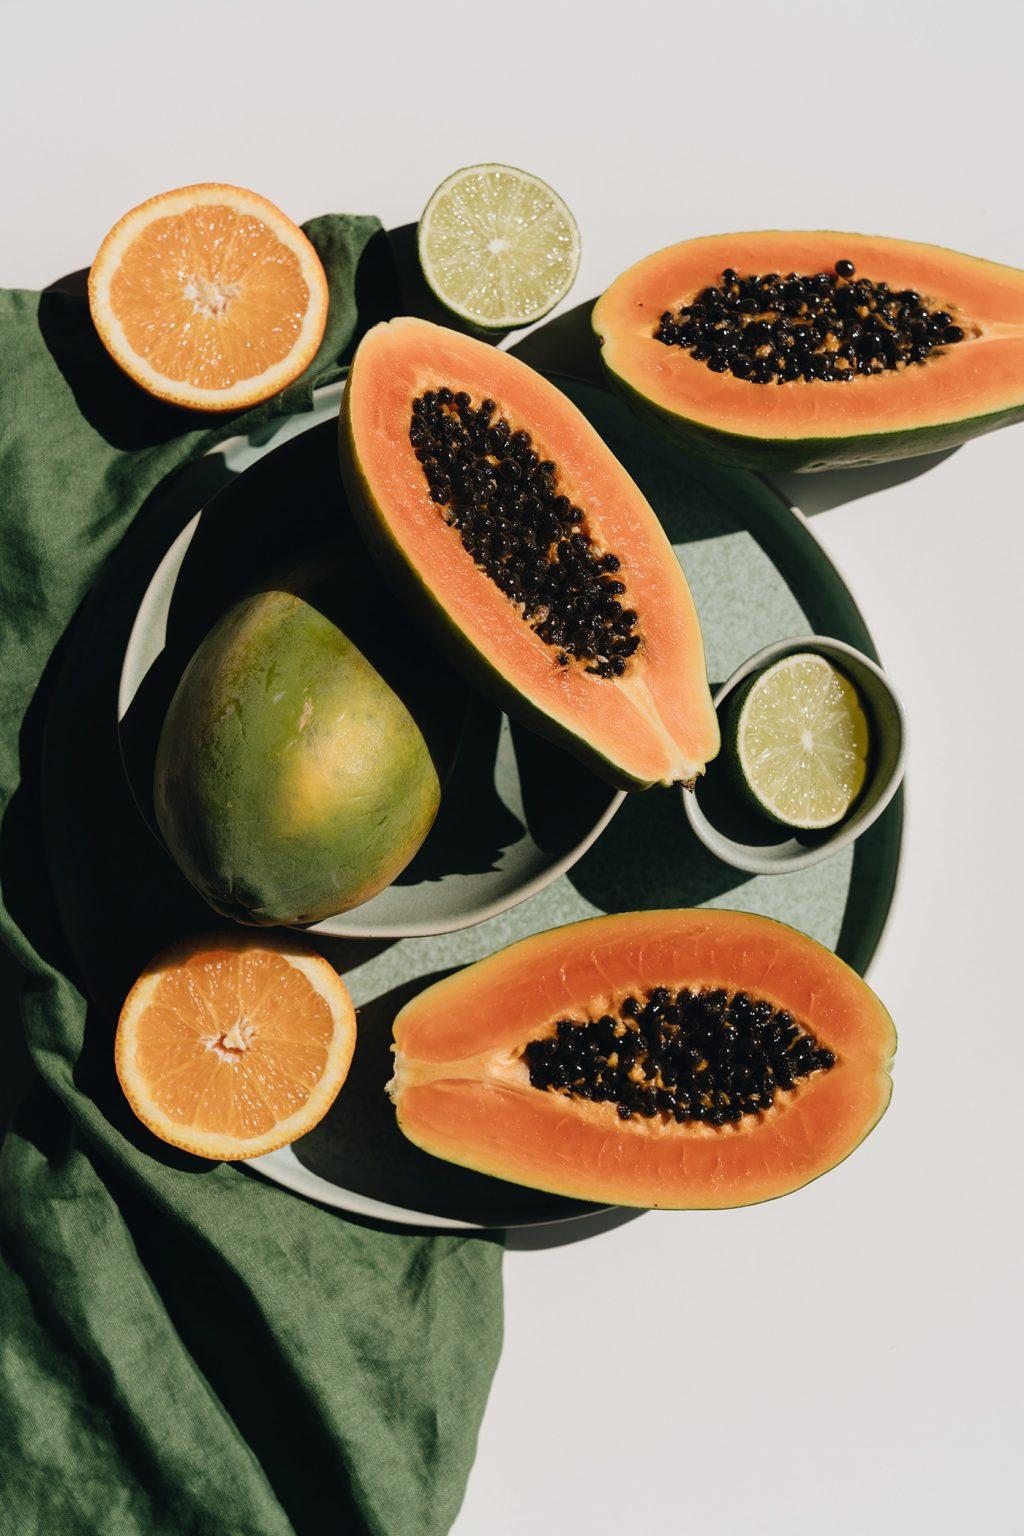 Đu đủ - trái cây bổ dưỡng cho cơ thể mùa Hè